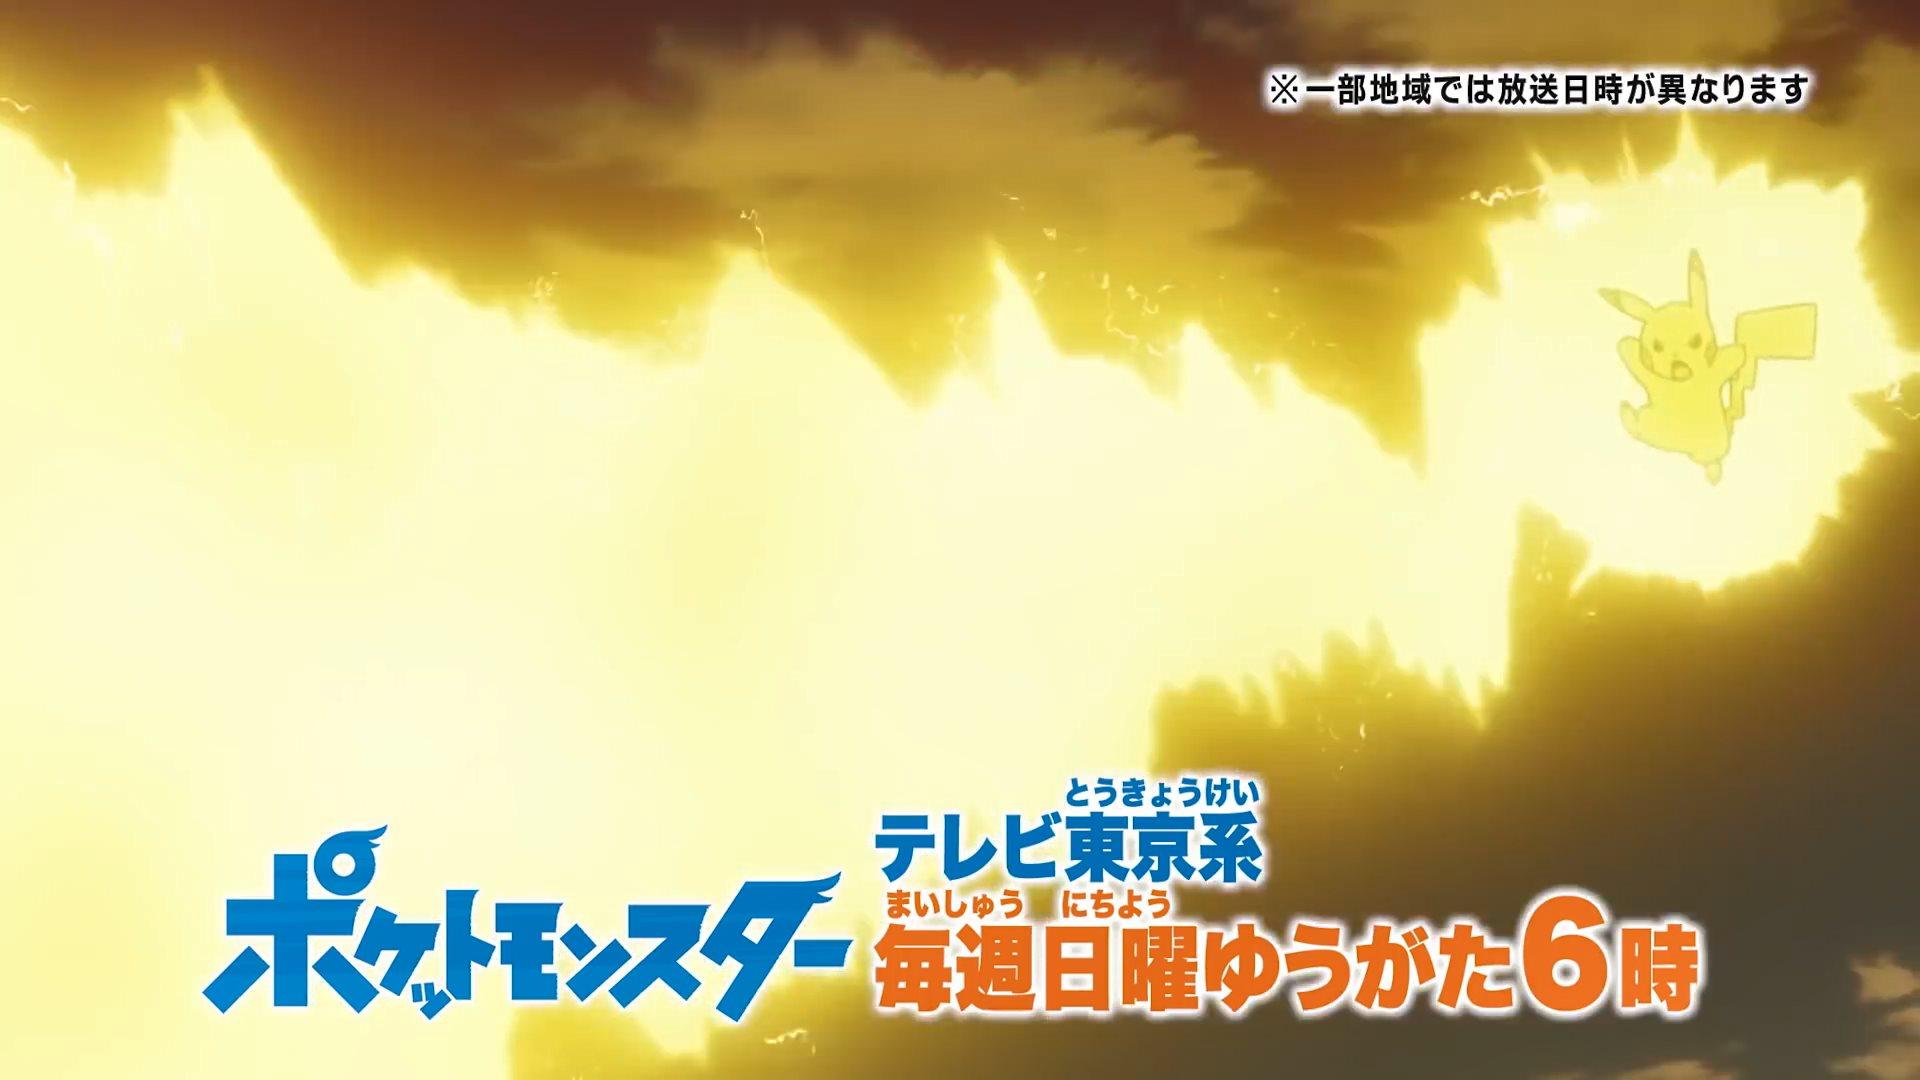 《宝可梦》新动画宣传片公开 皮神十万伏特警告!